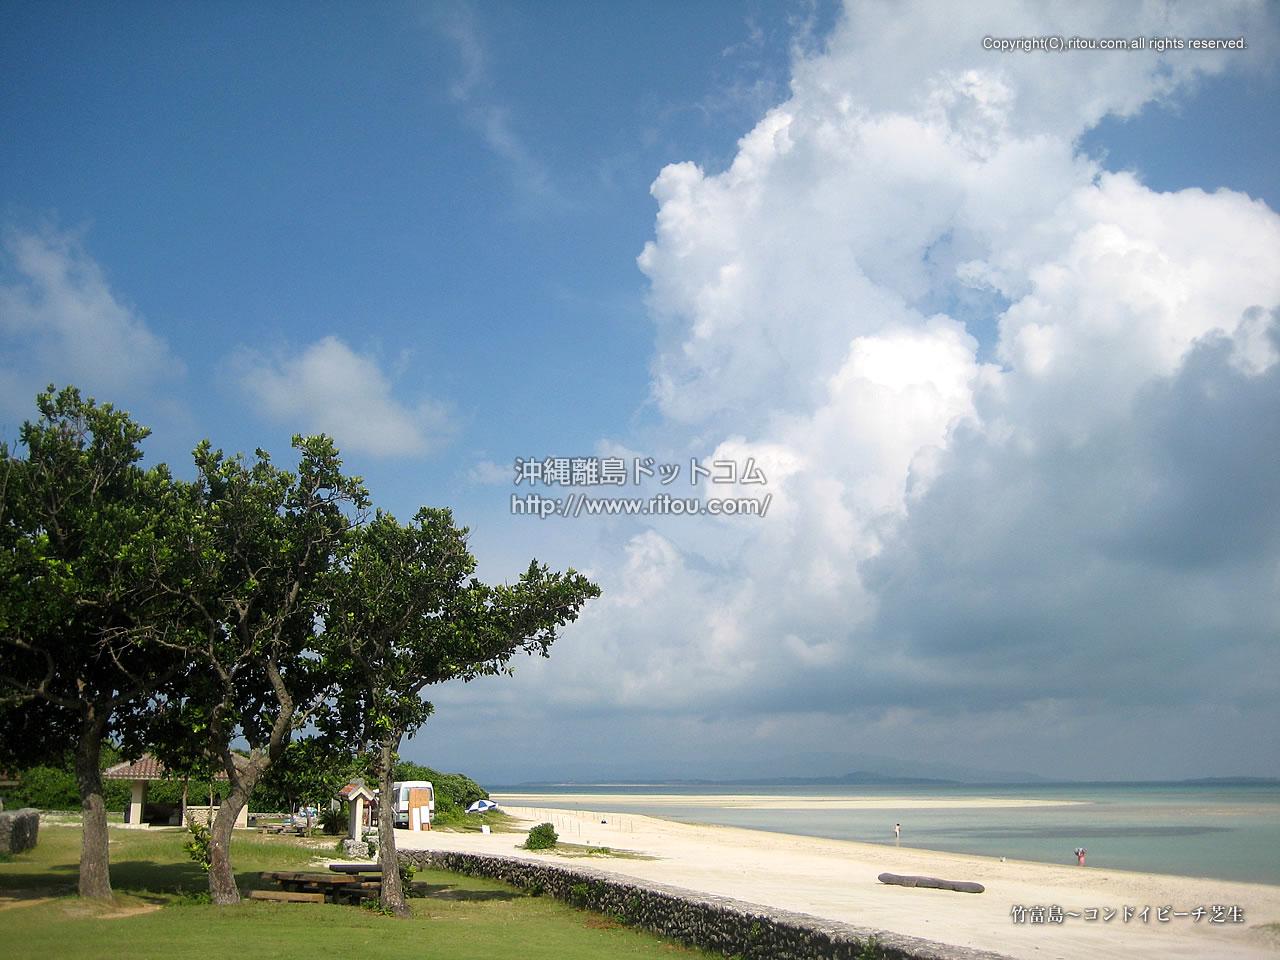 竹富島〜コンドイビーチ芝生